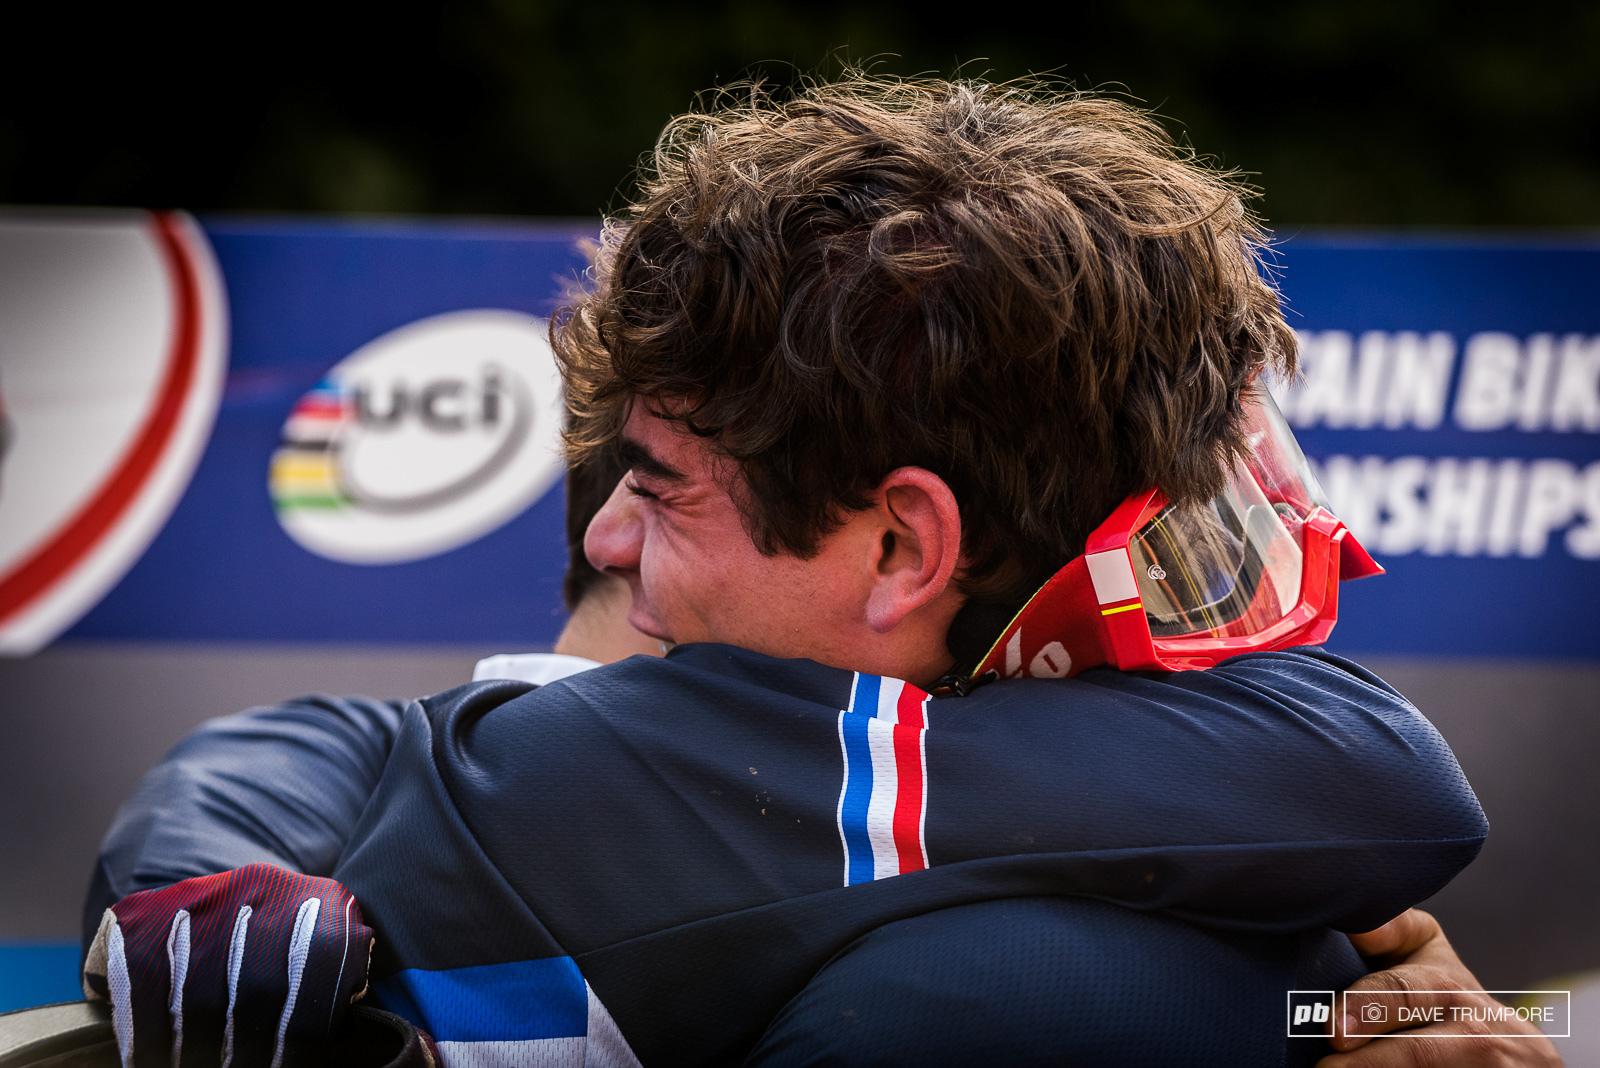 Loic Bruni and teammate Loris Vergier celebrate victory in Andorra.